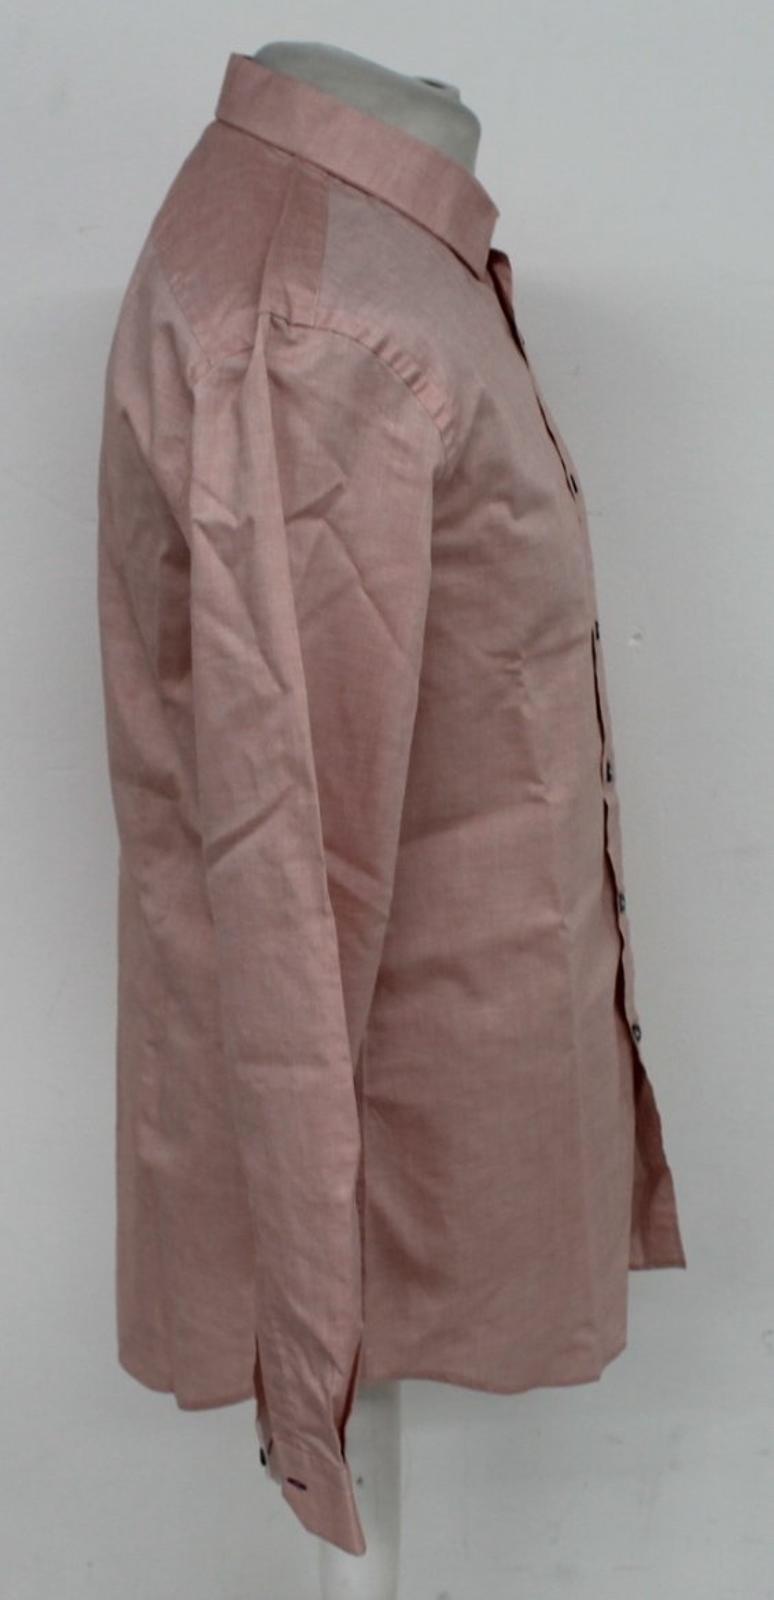 Paul-Smith-Para-Hombre-Rojo-Y-Blanco-Micro-Grafico-Impresion-a-medida-con-Camisa-Talla-17-43-Nuevo miniatura 6